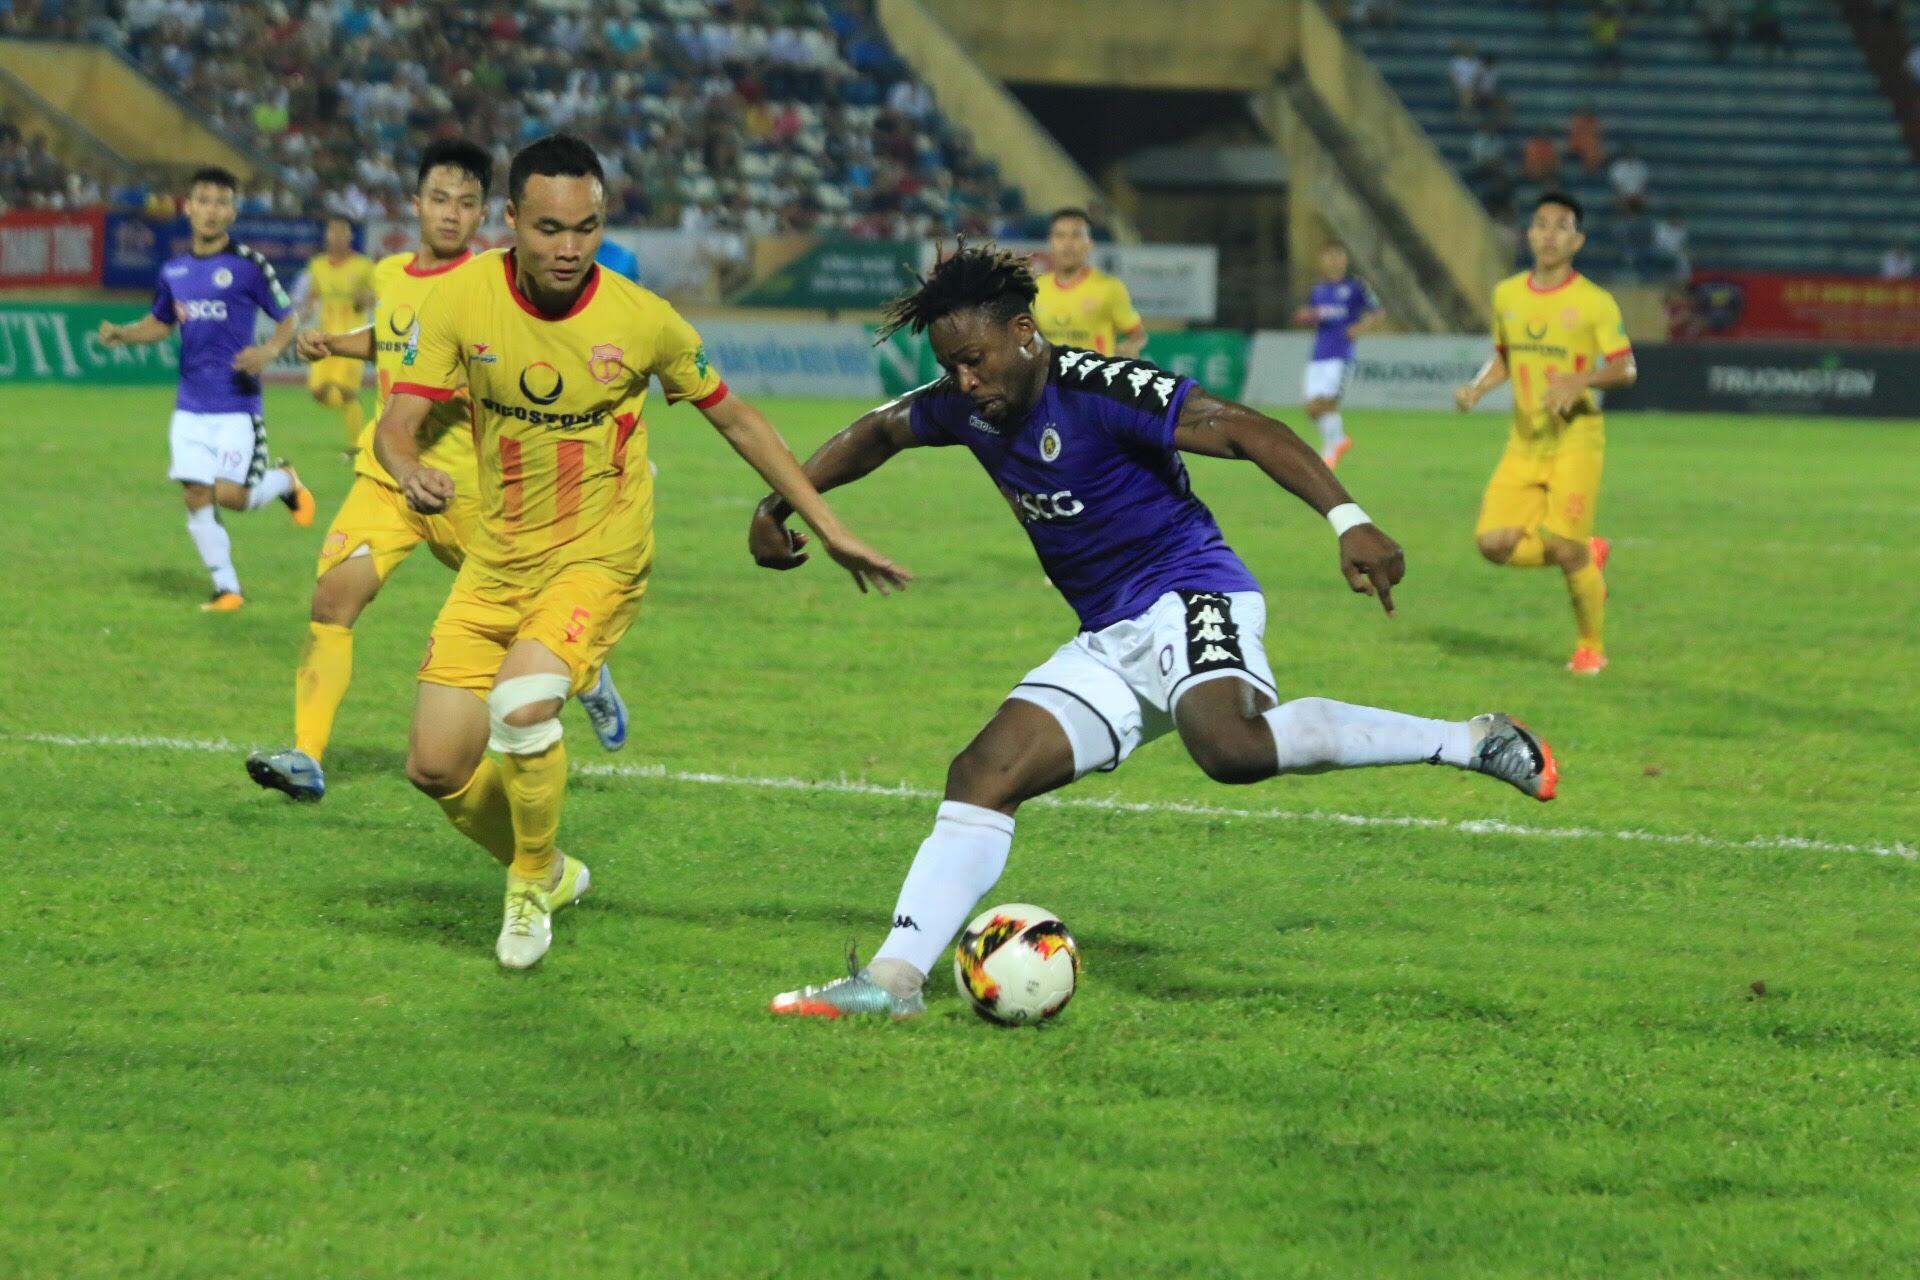 Thắng nhọc nhằn 2-0 trước Nam Định, Hà Nội giữ vững ngôi đầu bảng - Bóng Đá